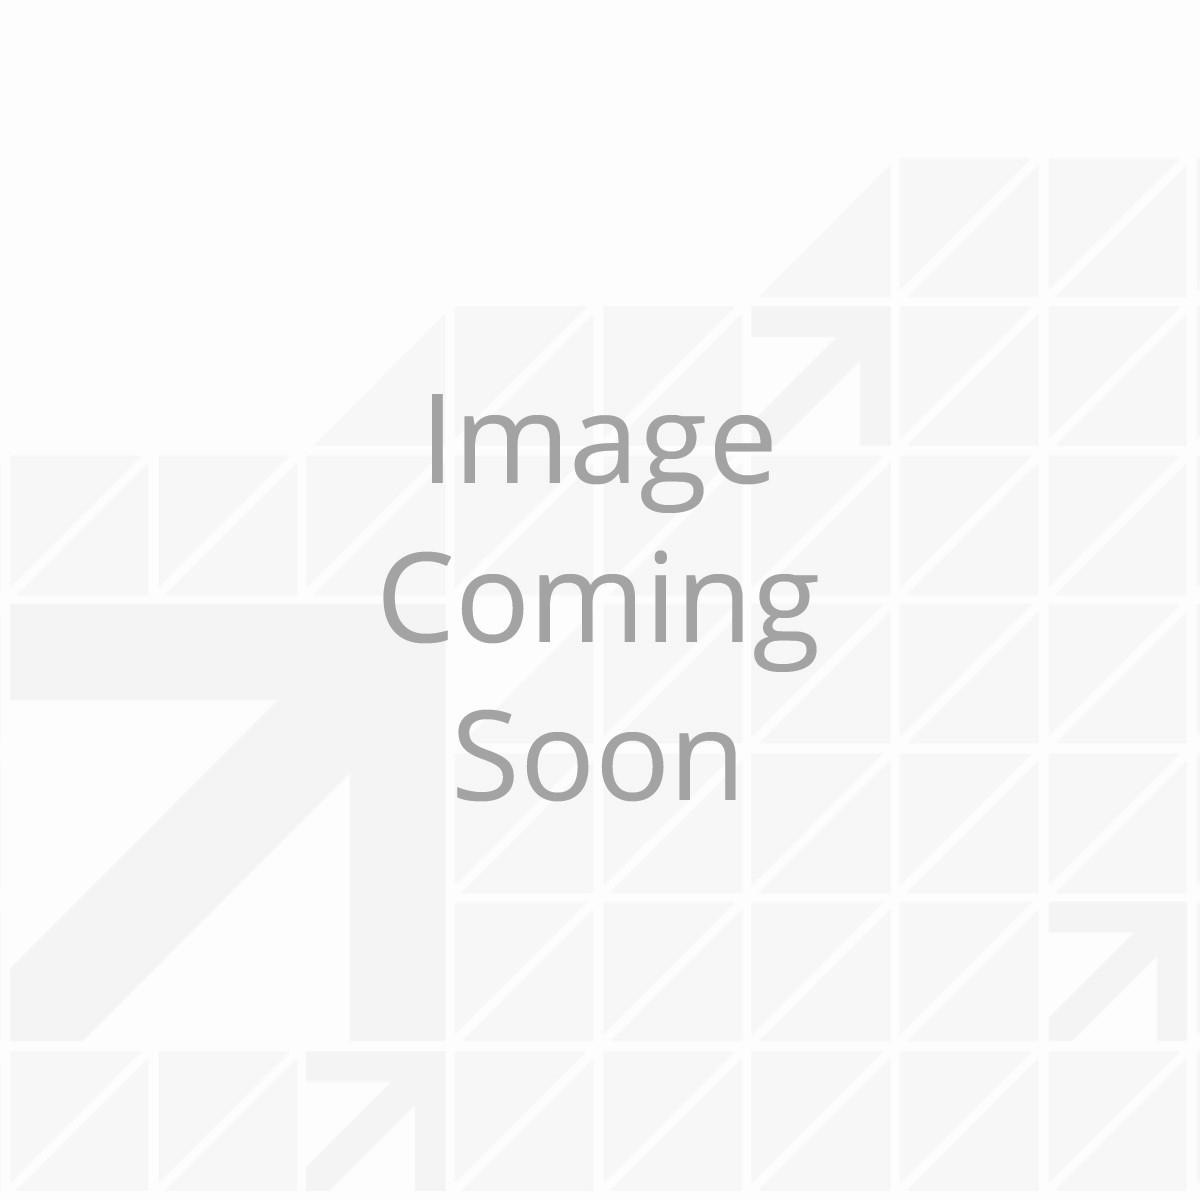 Custom 5th Wheel Brackets - Chevrolet Silverado or GMC Sierra